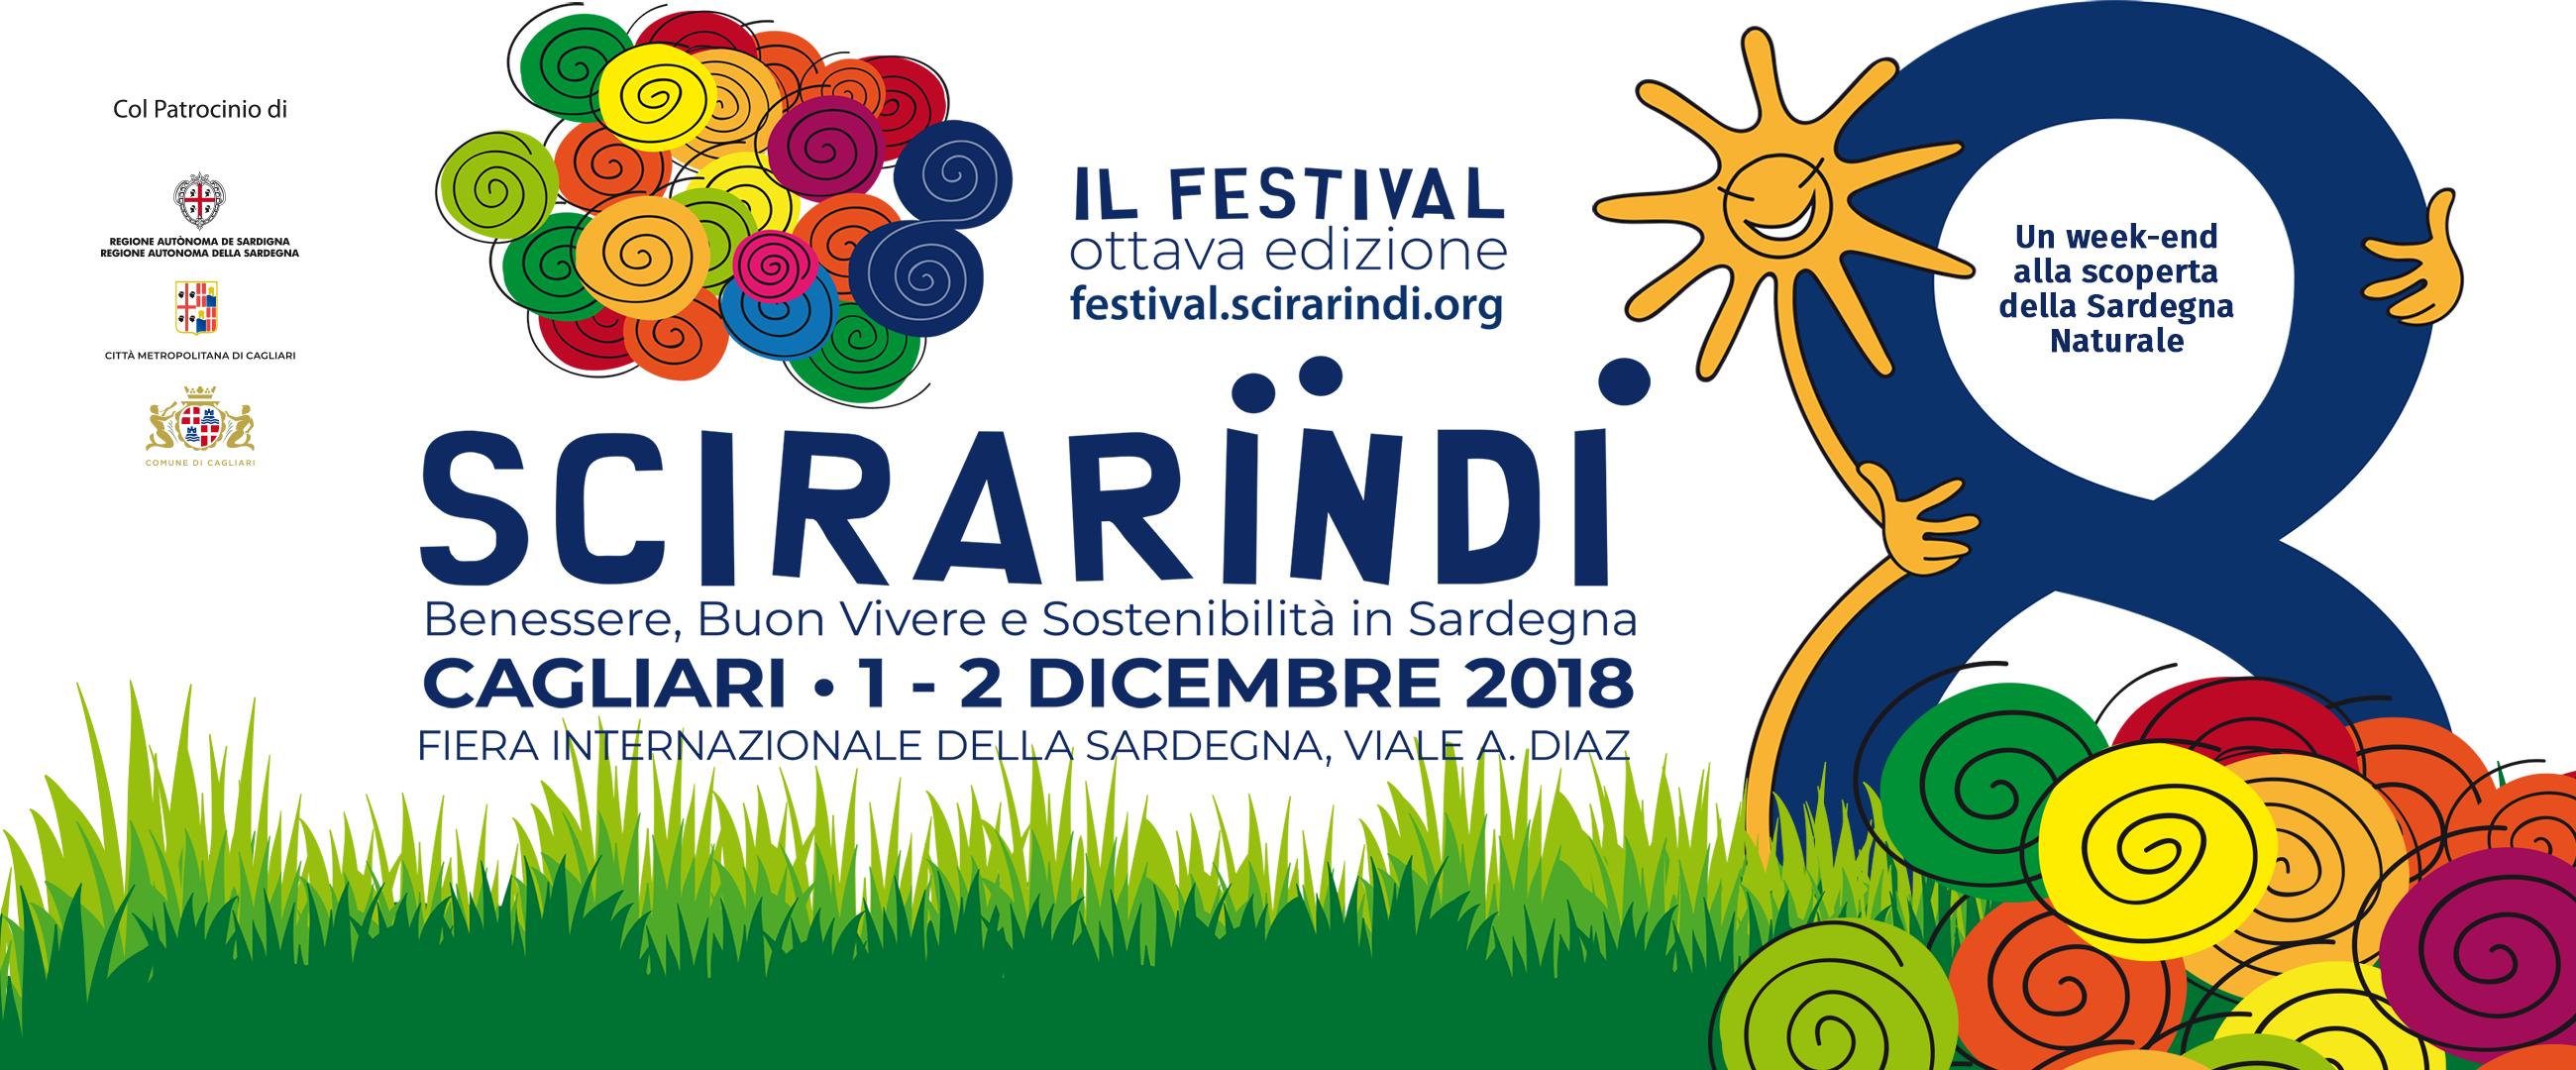 Il Programma del Festival è on line. Scegli i tuoi appuntamenti!